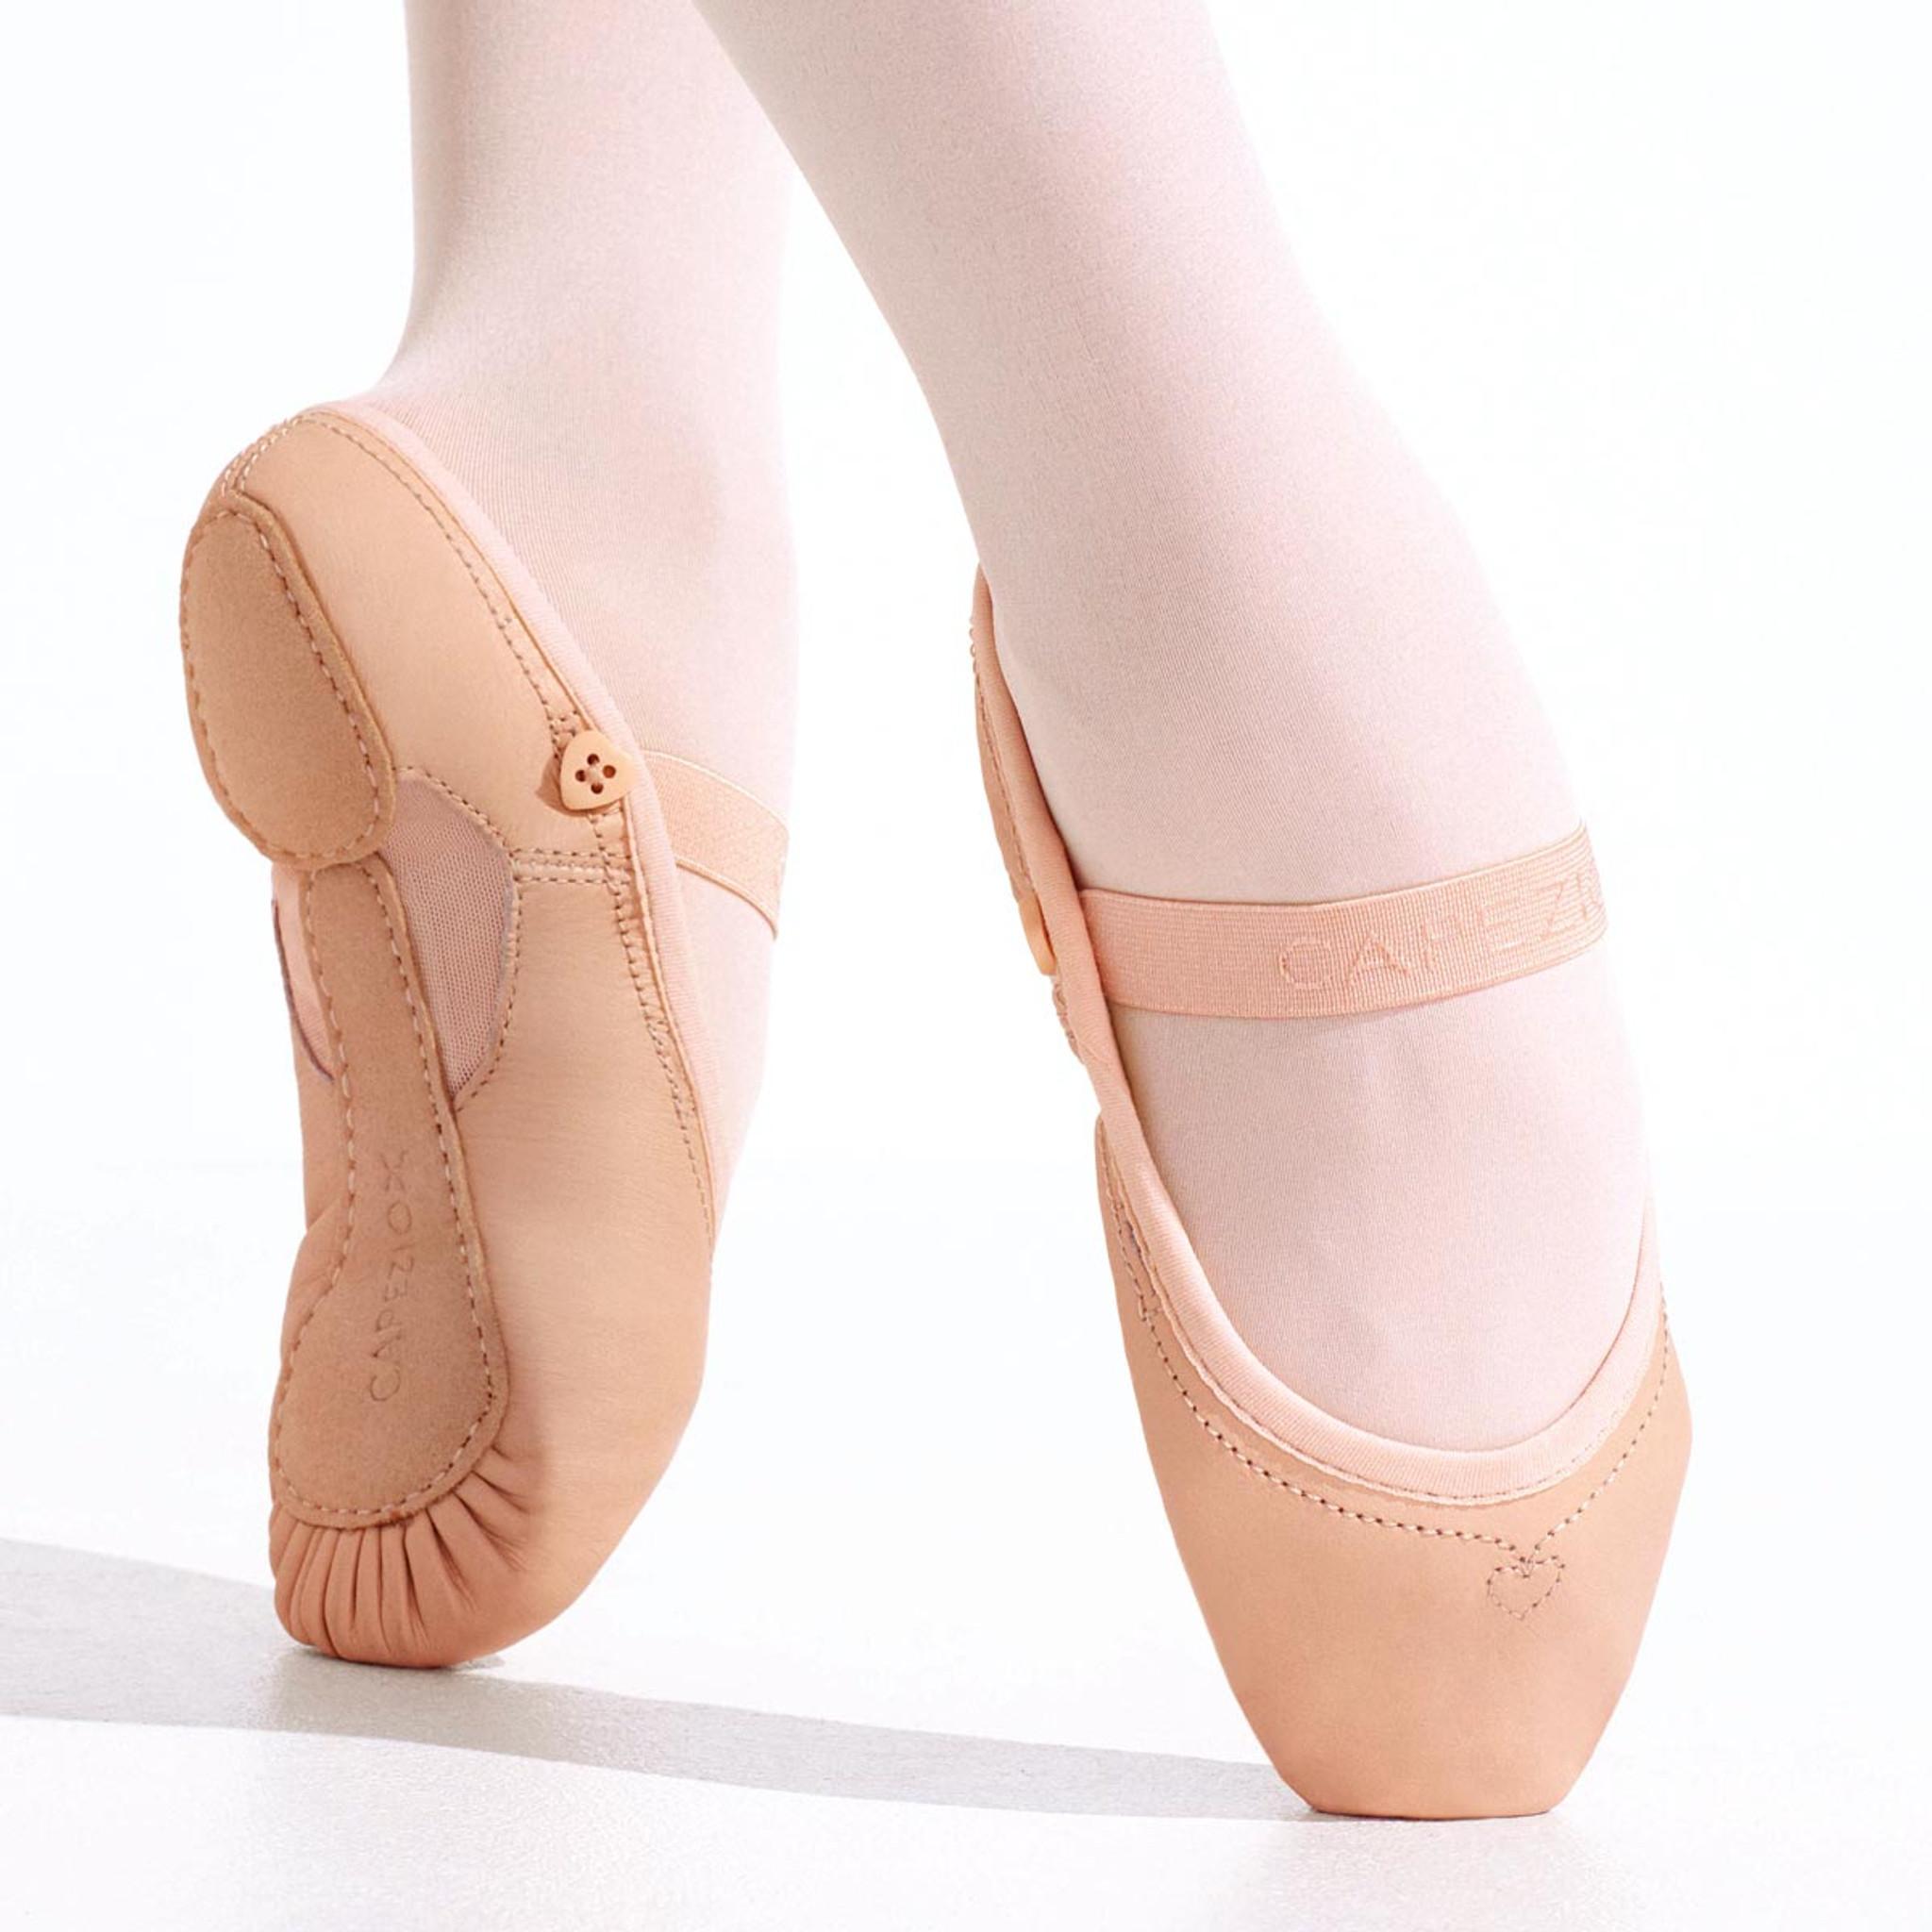 52bfece53710 Capezio Love Ballet - Full Sole Ballet Shoes - Children s - DANCE DIRECT®